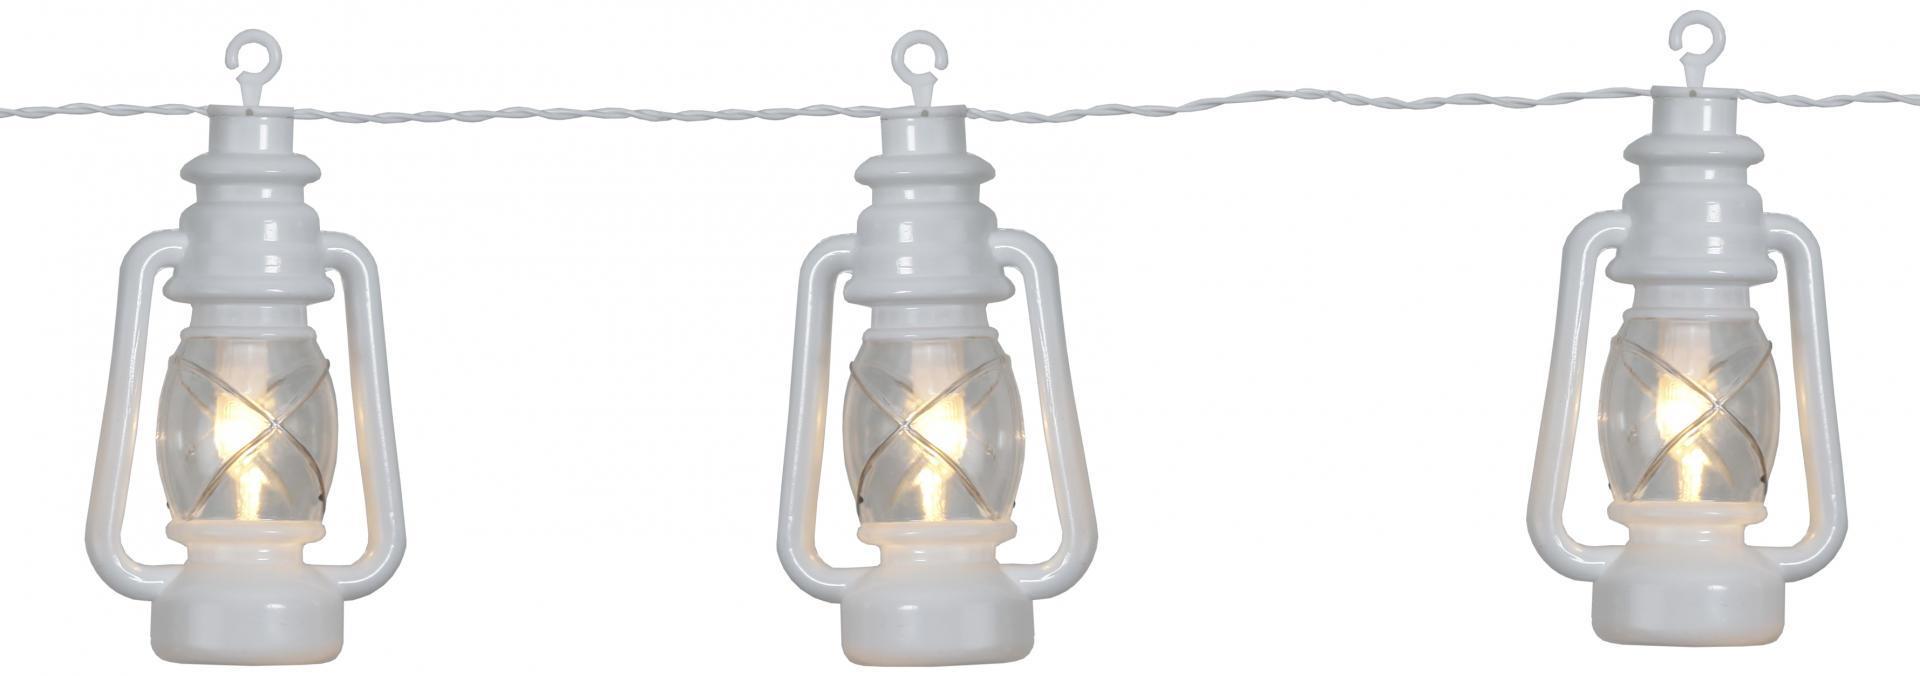 STAR TRADING Světelný LED řetěz White Lantern, bílá barva, plast